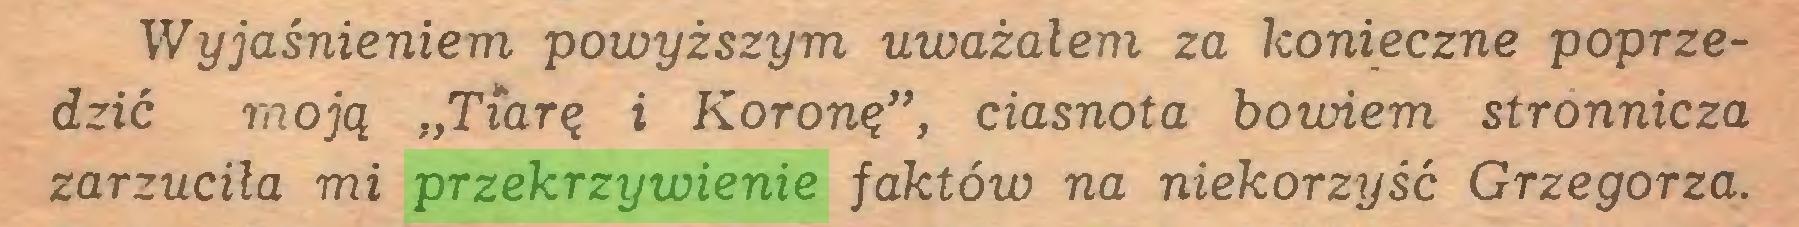 """(...) Wyjaśnieniem powyższym uważałem za konieczne poprzedzić moją """"Tiarę i Koronę"""", ciasnota bowiem stronnicza zarzuciła mi przekrzywienie faktów na niekorzyść Grzegorza..."""